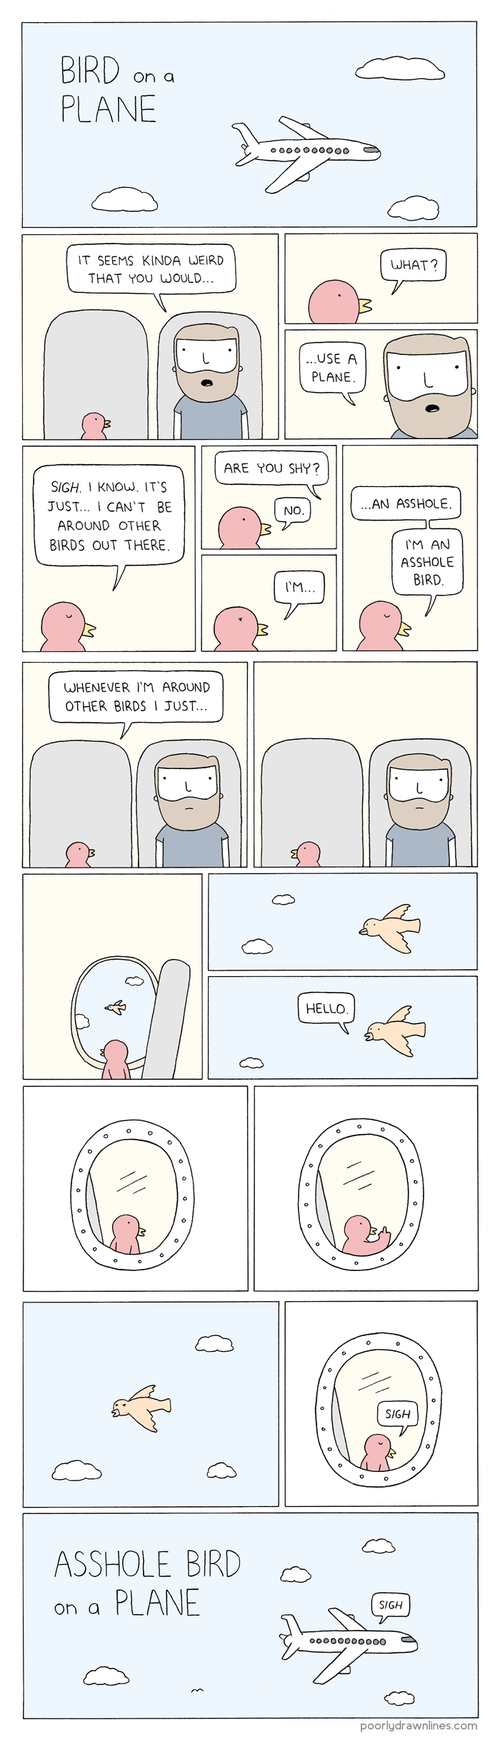 birds planes web comics - 7980492800